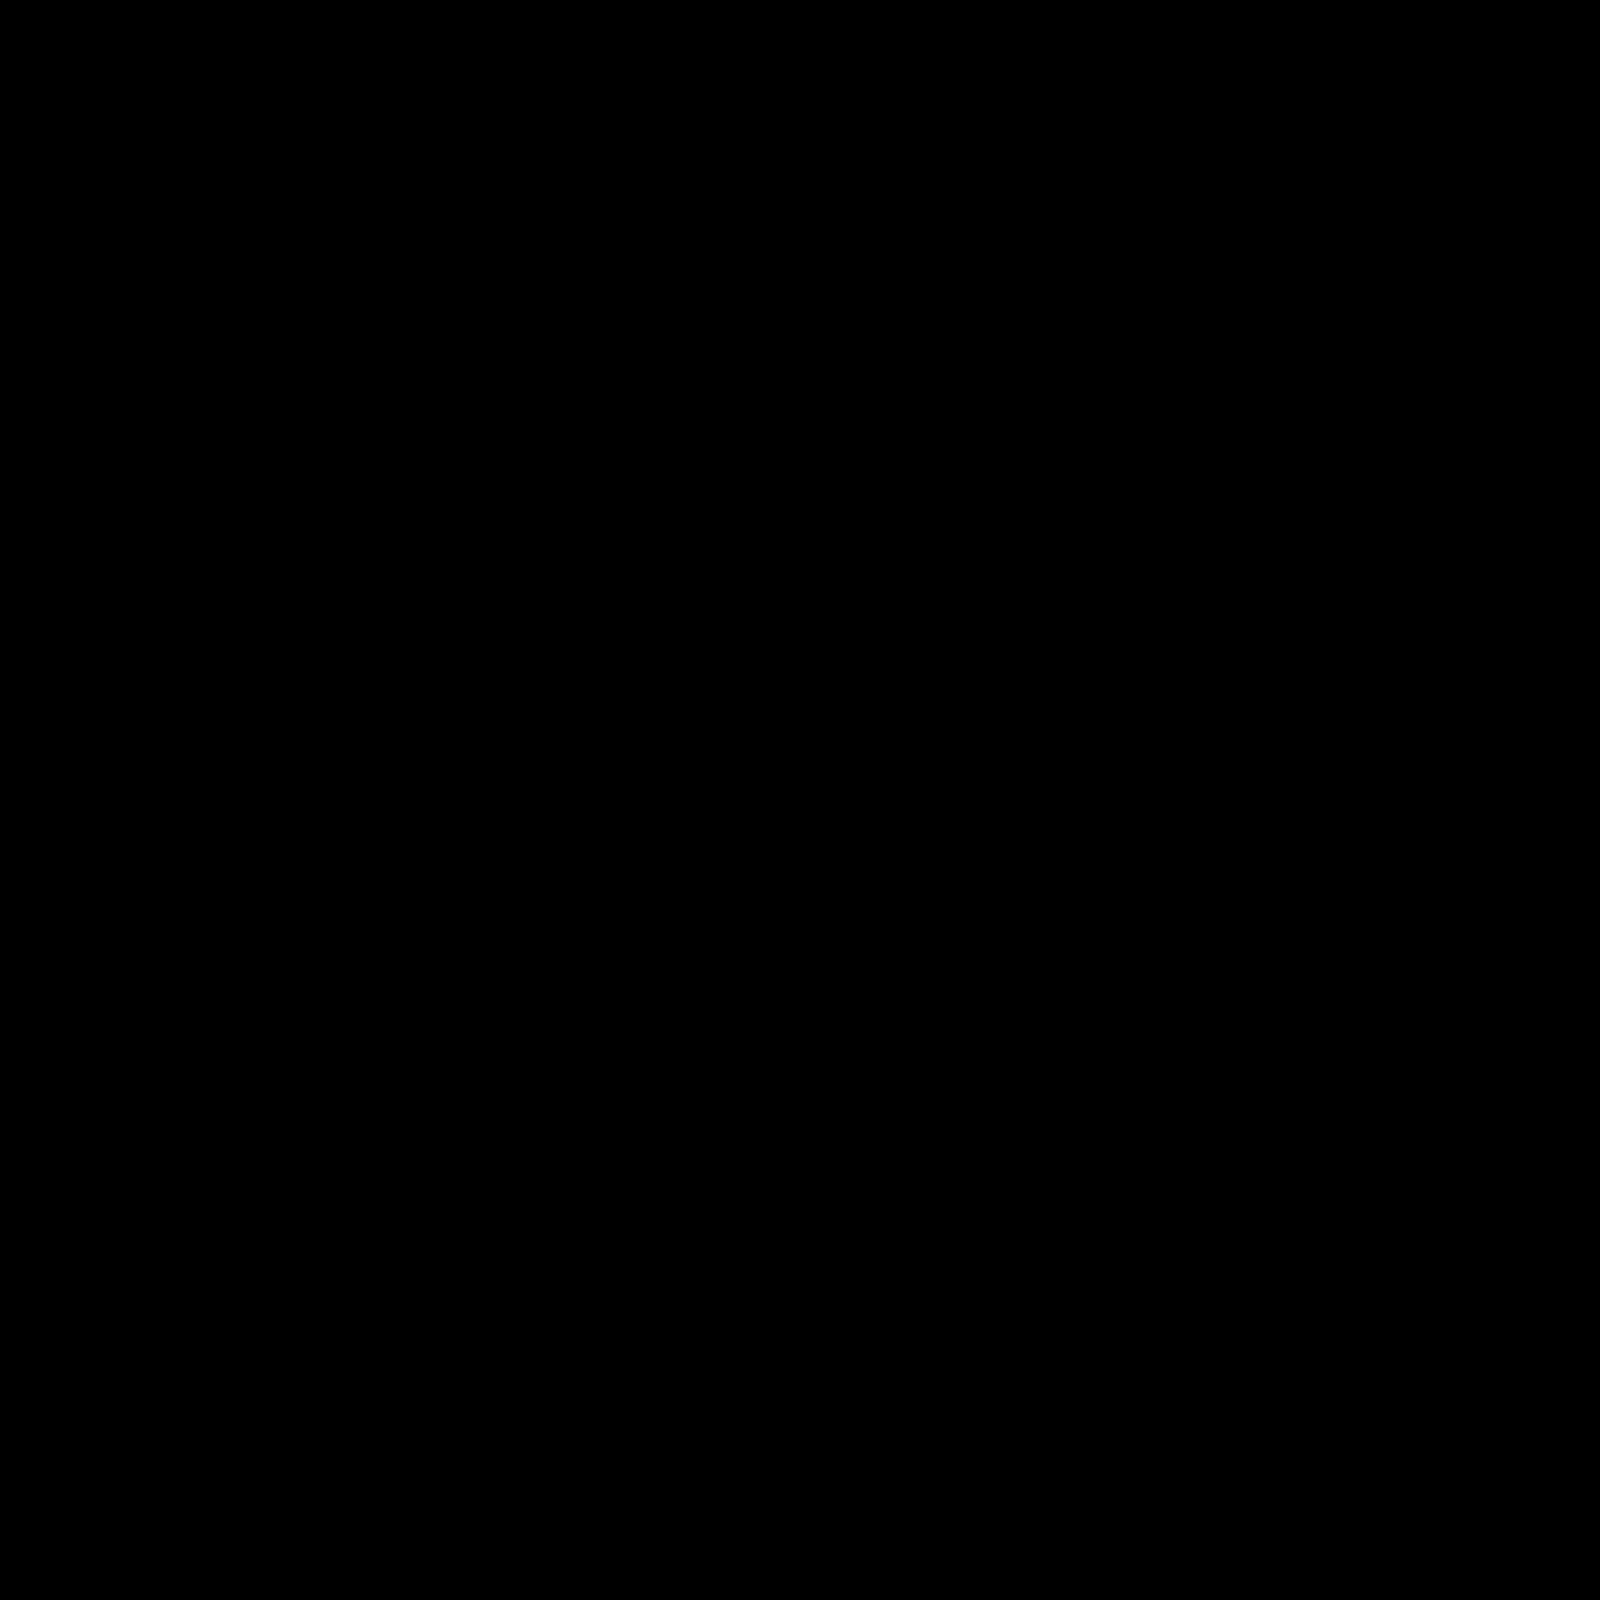 桑基 icon